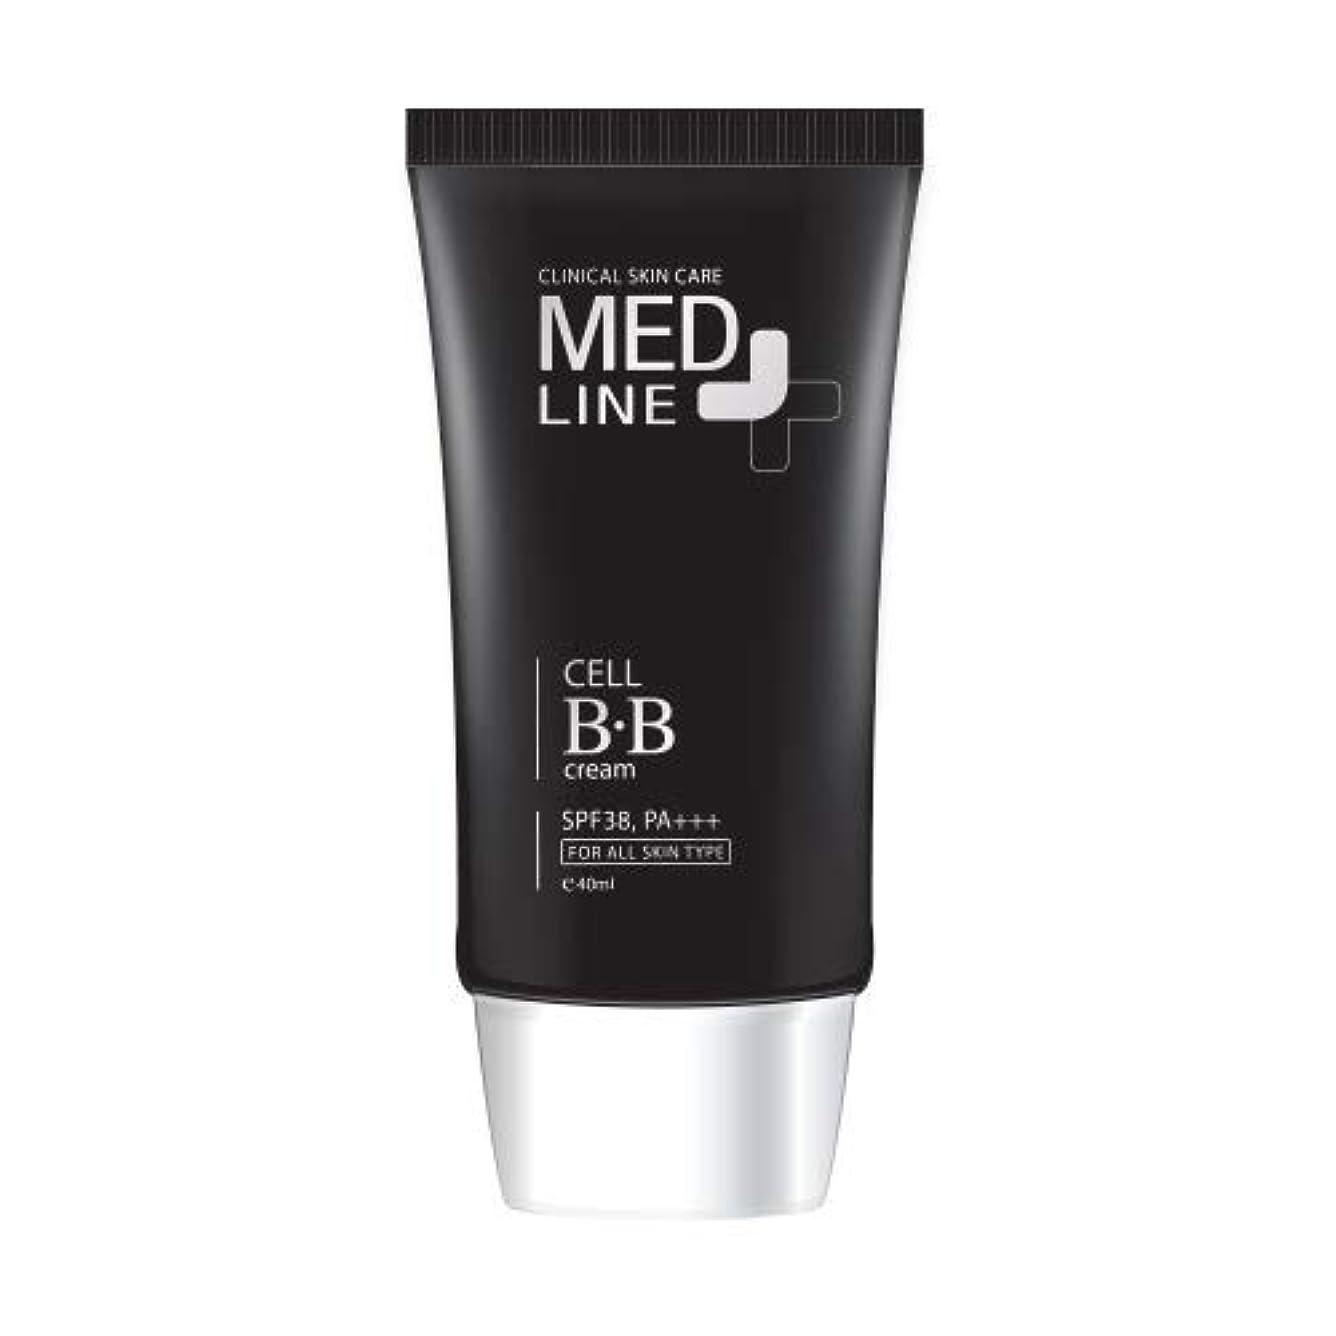 回転回転させる等々メドライン(Med Line) セルBBクリーム(Cell B.B Cream)